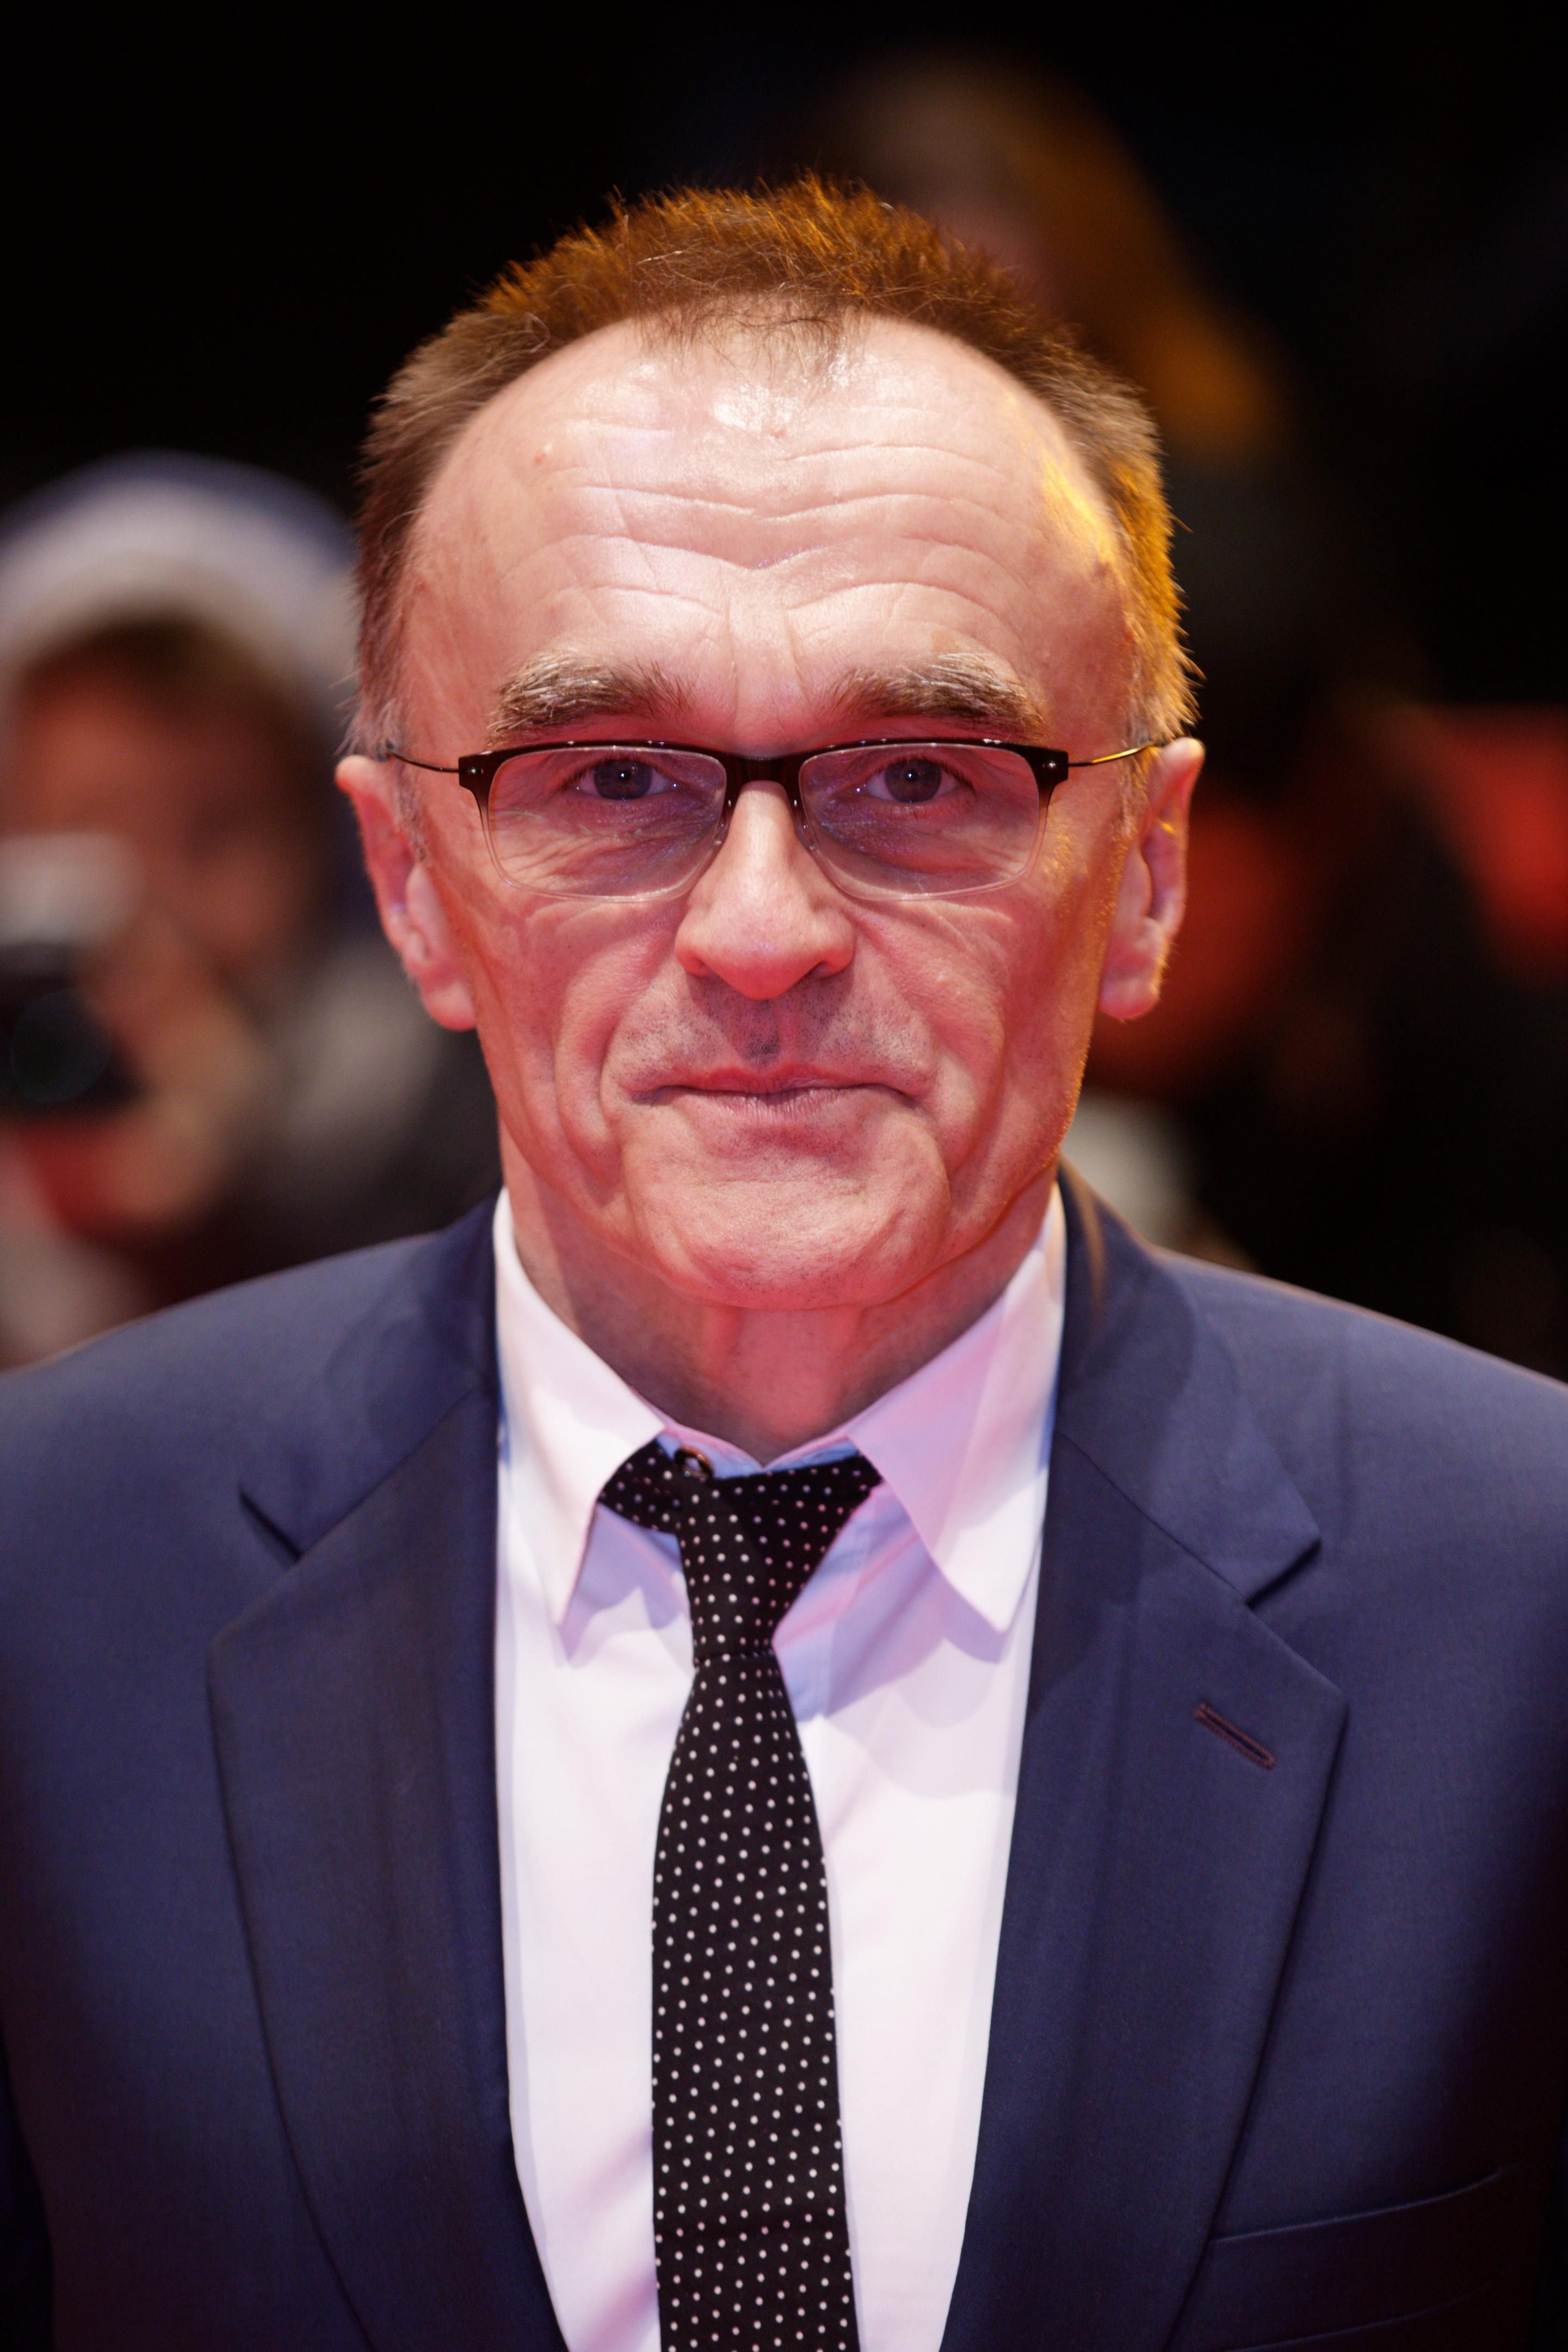 Diretor Danny Boyle teria decidido se desligar de Bond 25 por conta de morte do personagem (Foto: WIkimedia/Maximilian Bühn)